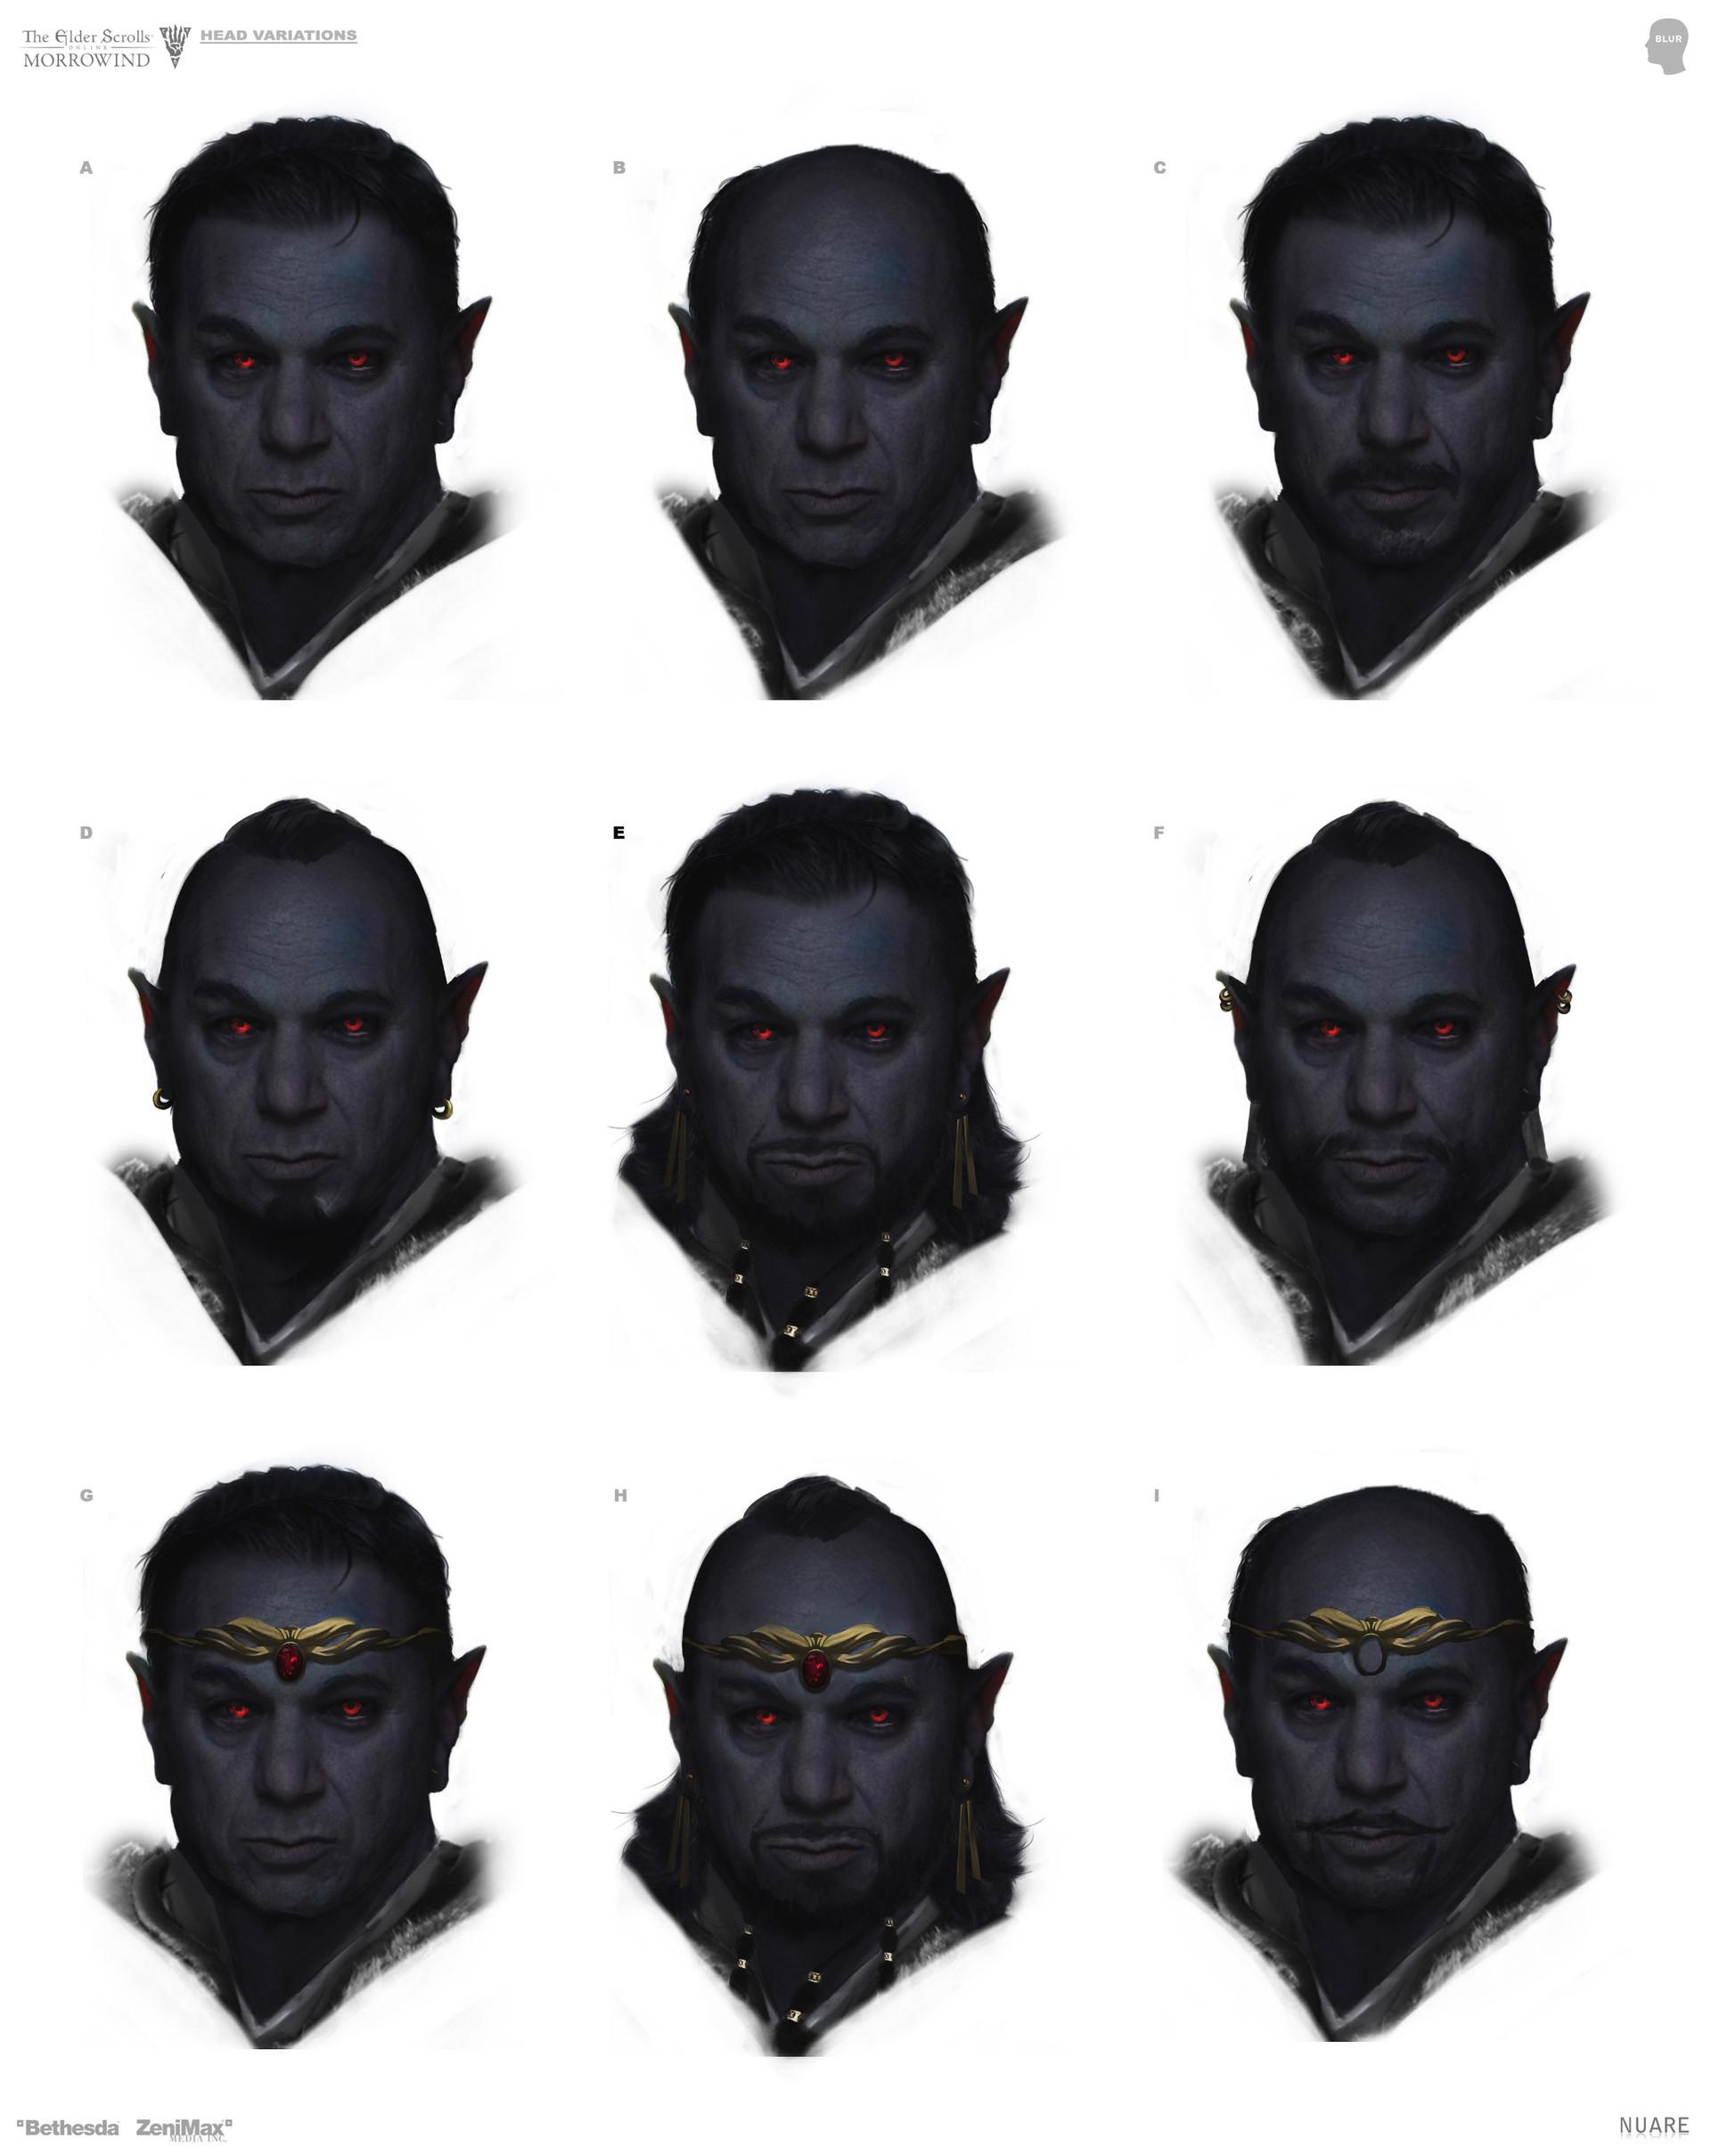 Face variations